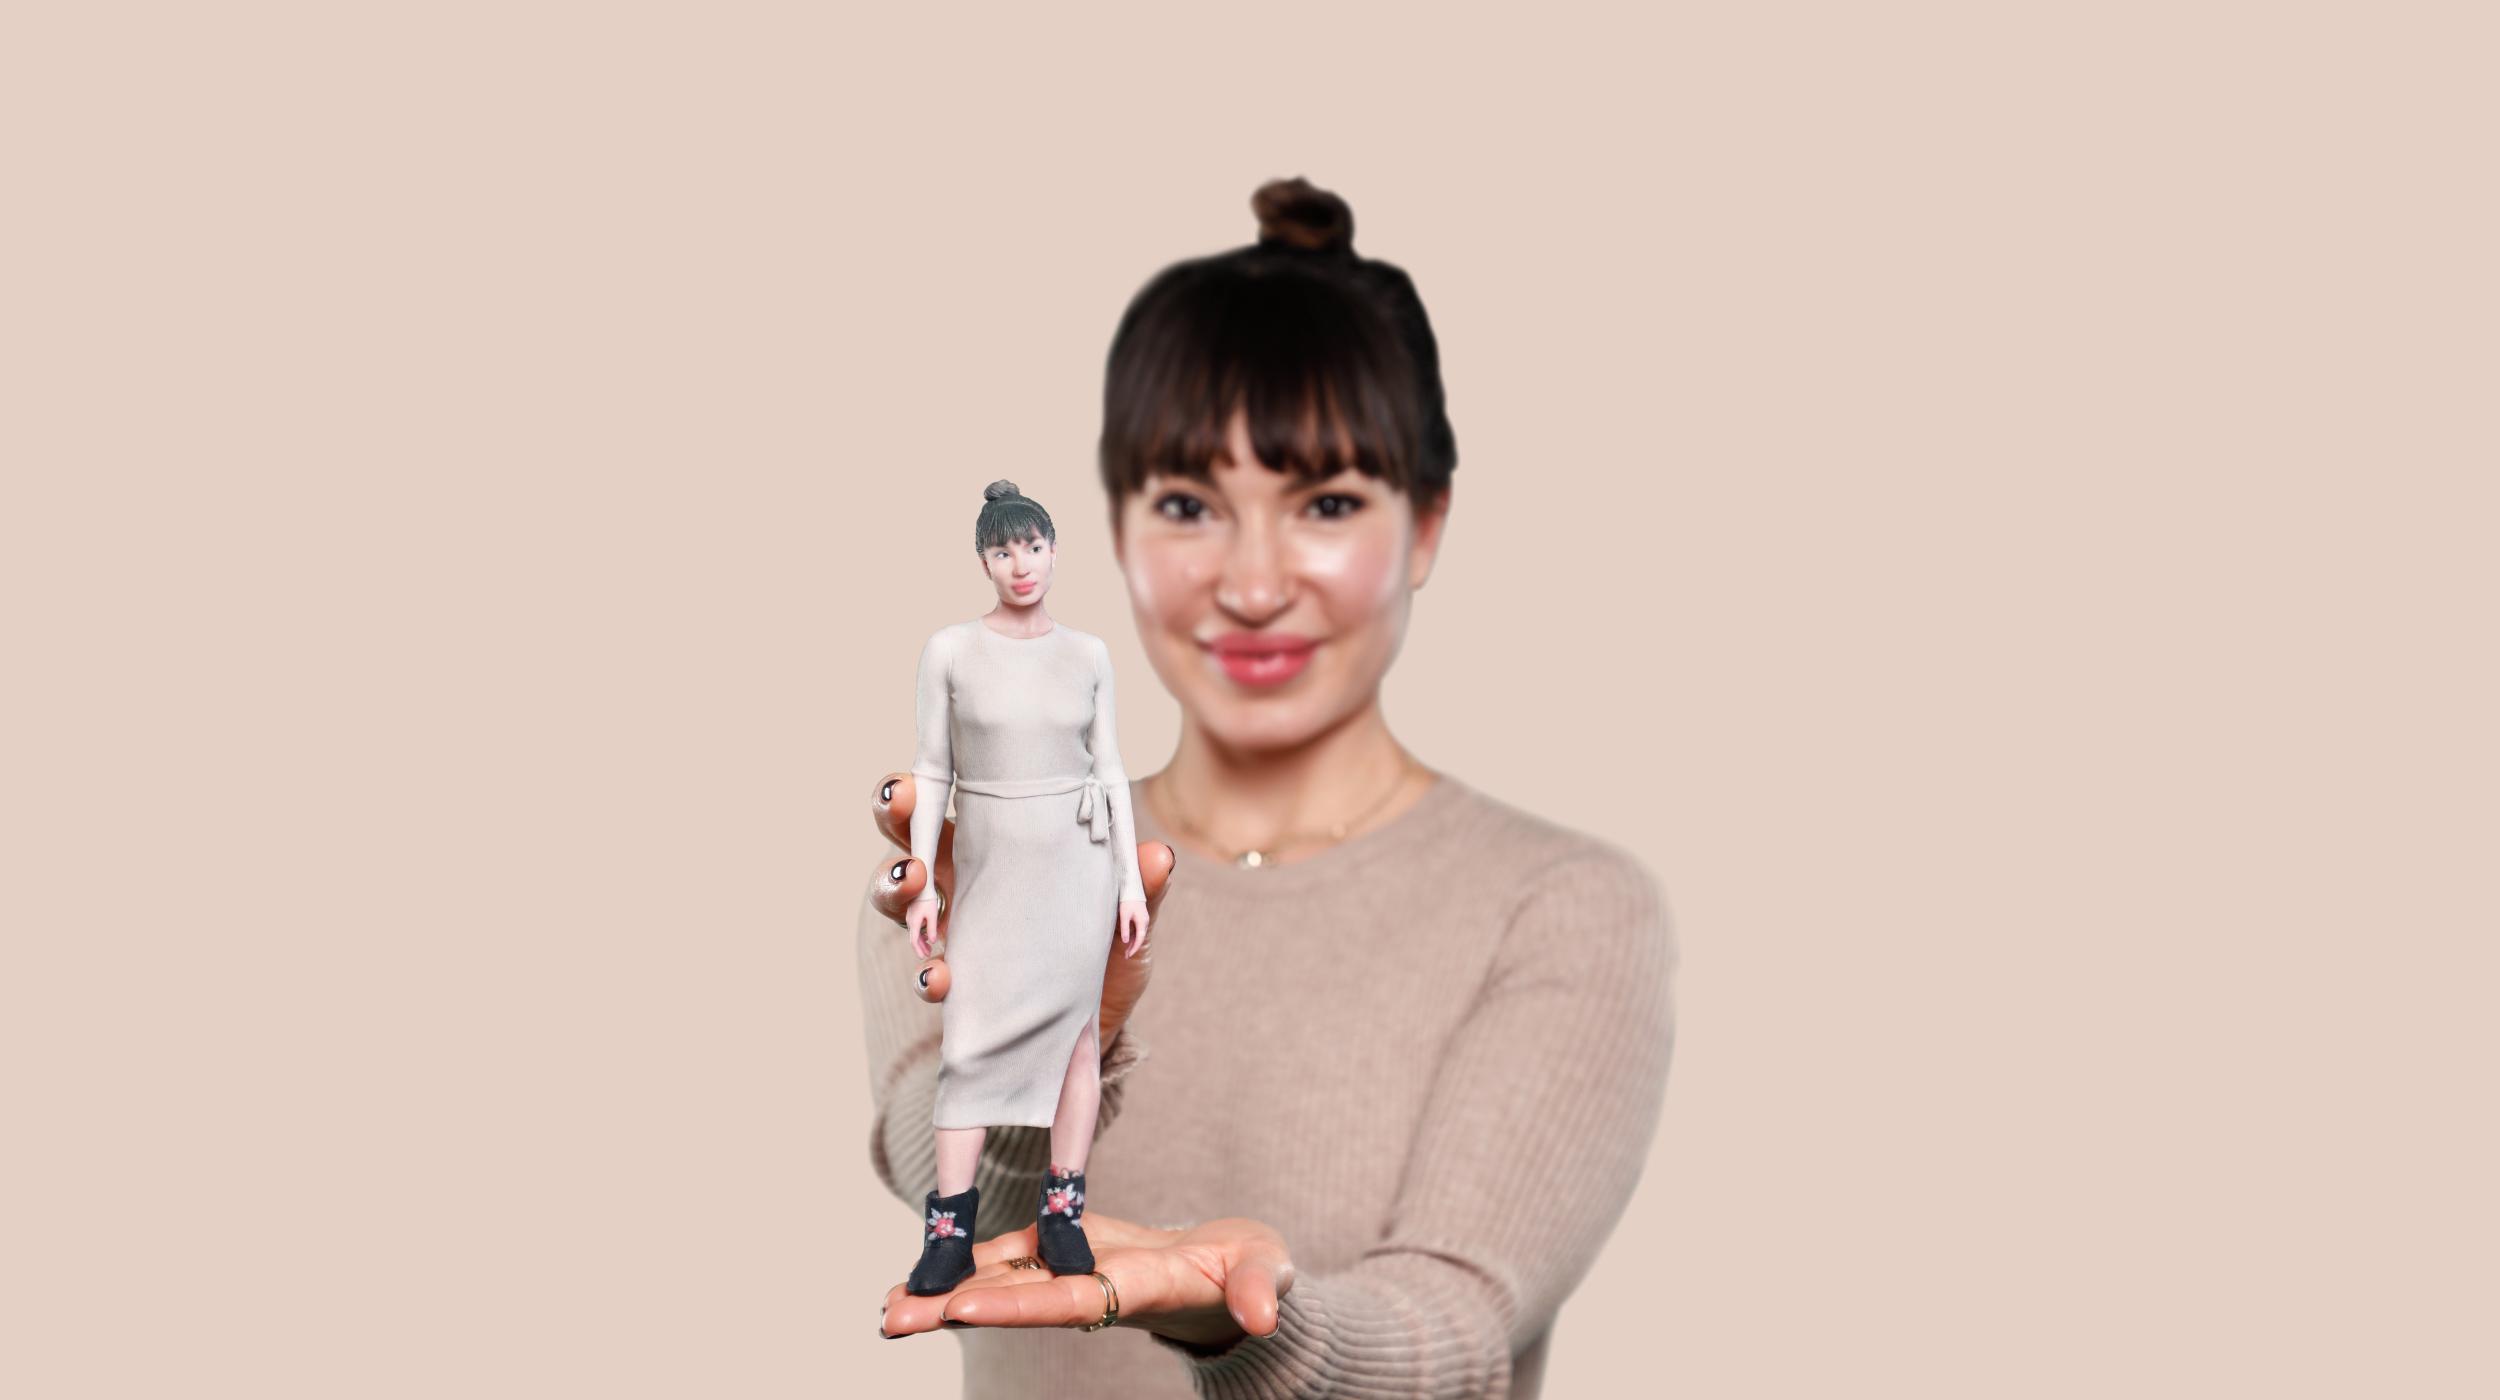 realistisches 3D-Modell eines Mädchens